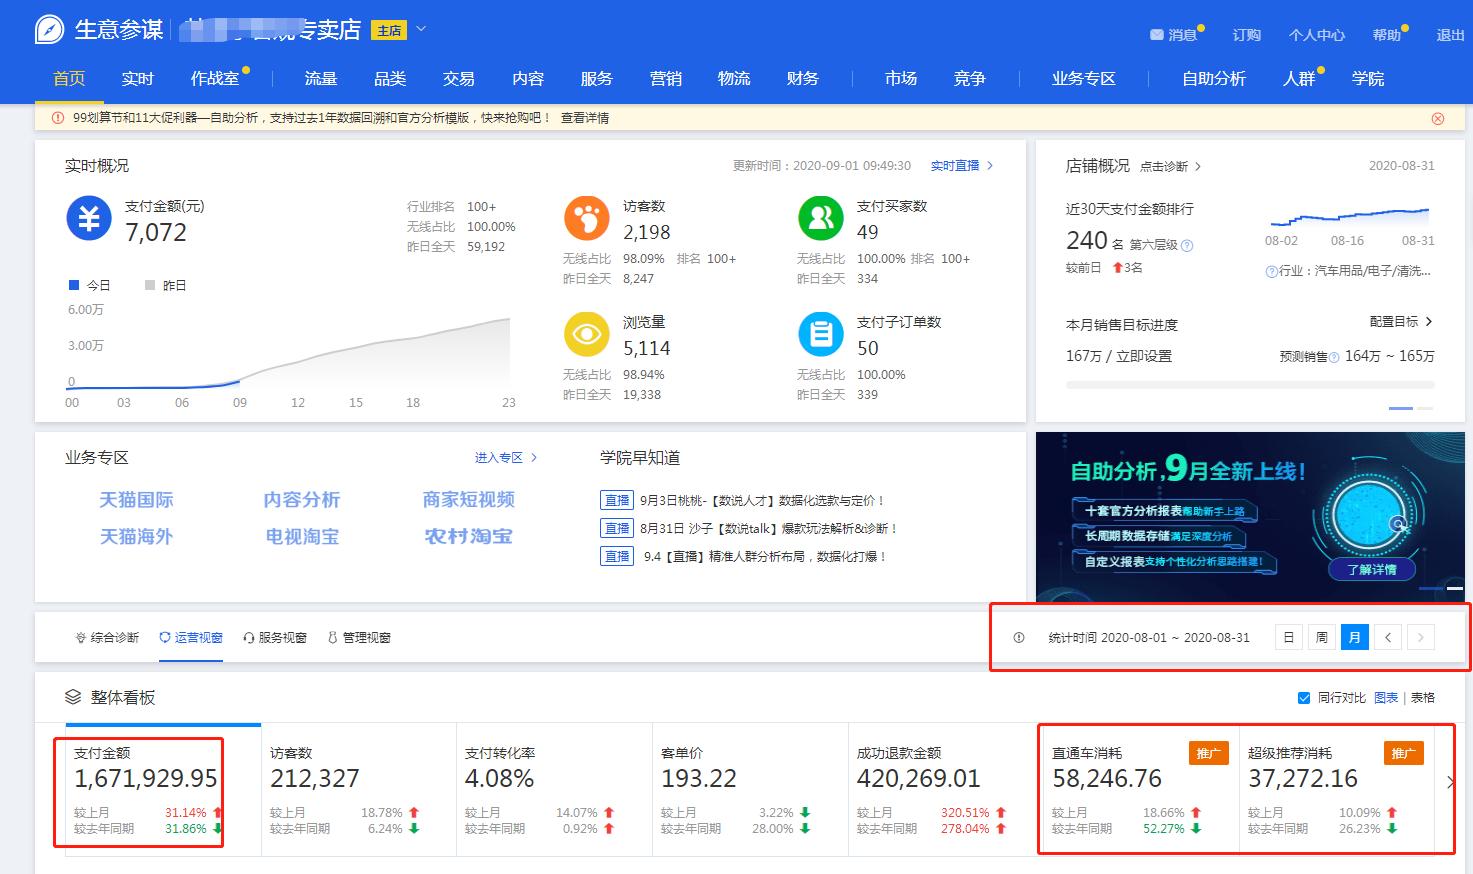 韩湘子管观专卖店-8月-167万.png